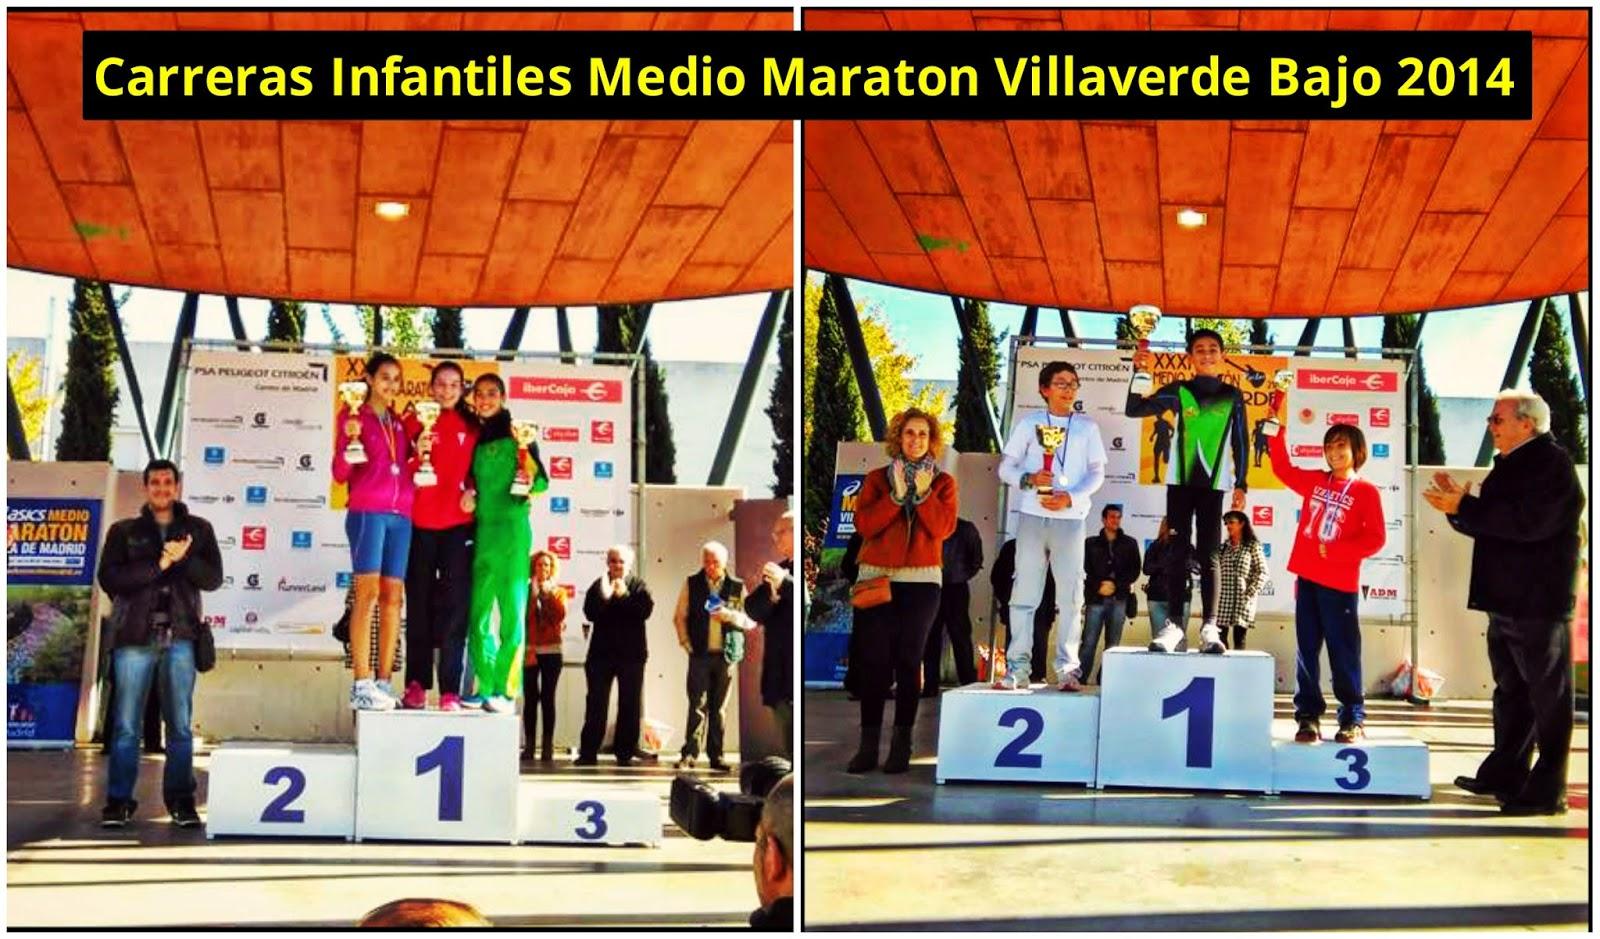 Medio Maratón Villaverde Bajo